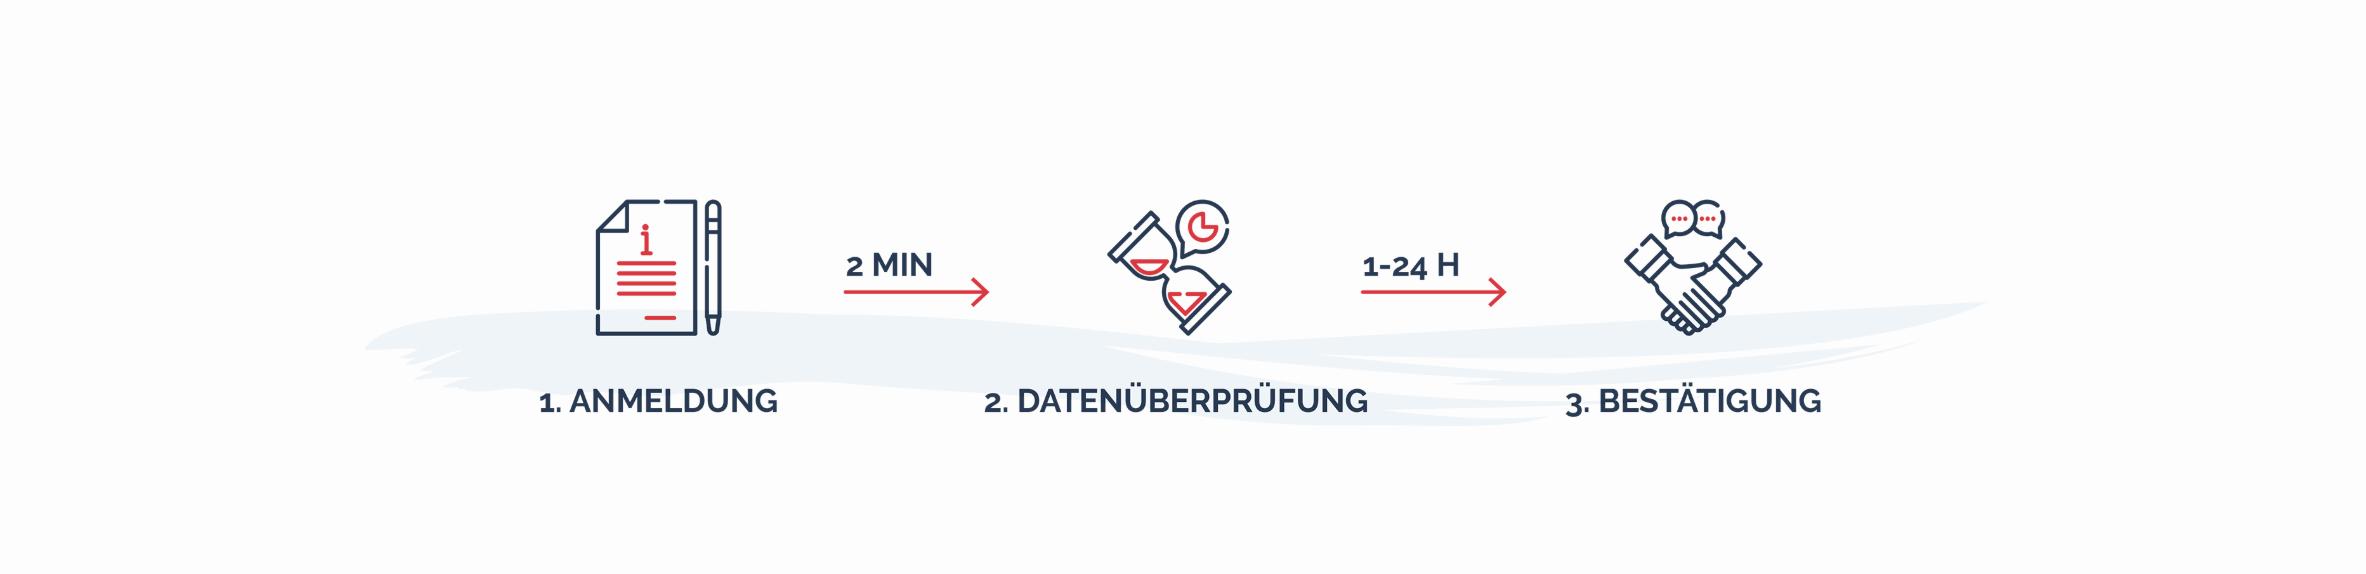 Der schnellste und günstigste Weg zur Beantragung der LEI-Nummer (LEI Code) in Österreich.